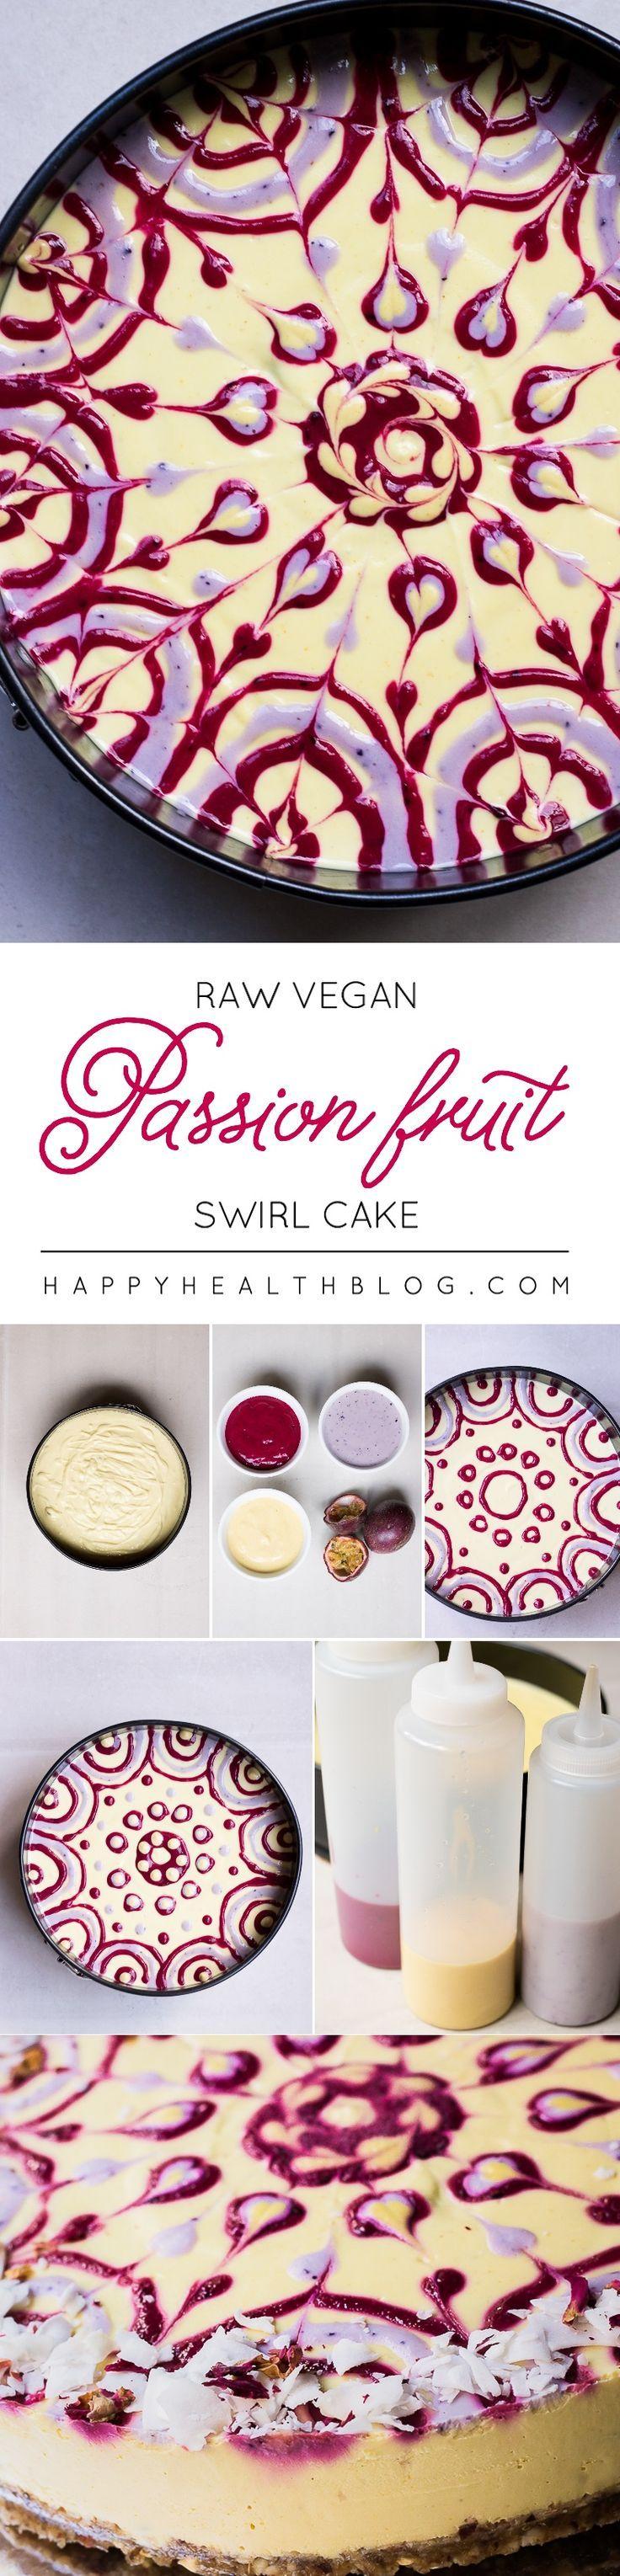 RAW PASSION FRUIT SWIRL CAKE - raw vegan swirl cake dessert recipe - Photo:: Natalie Yonan